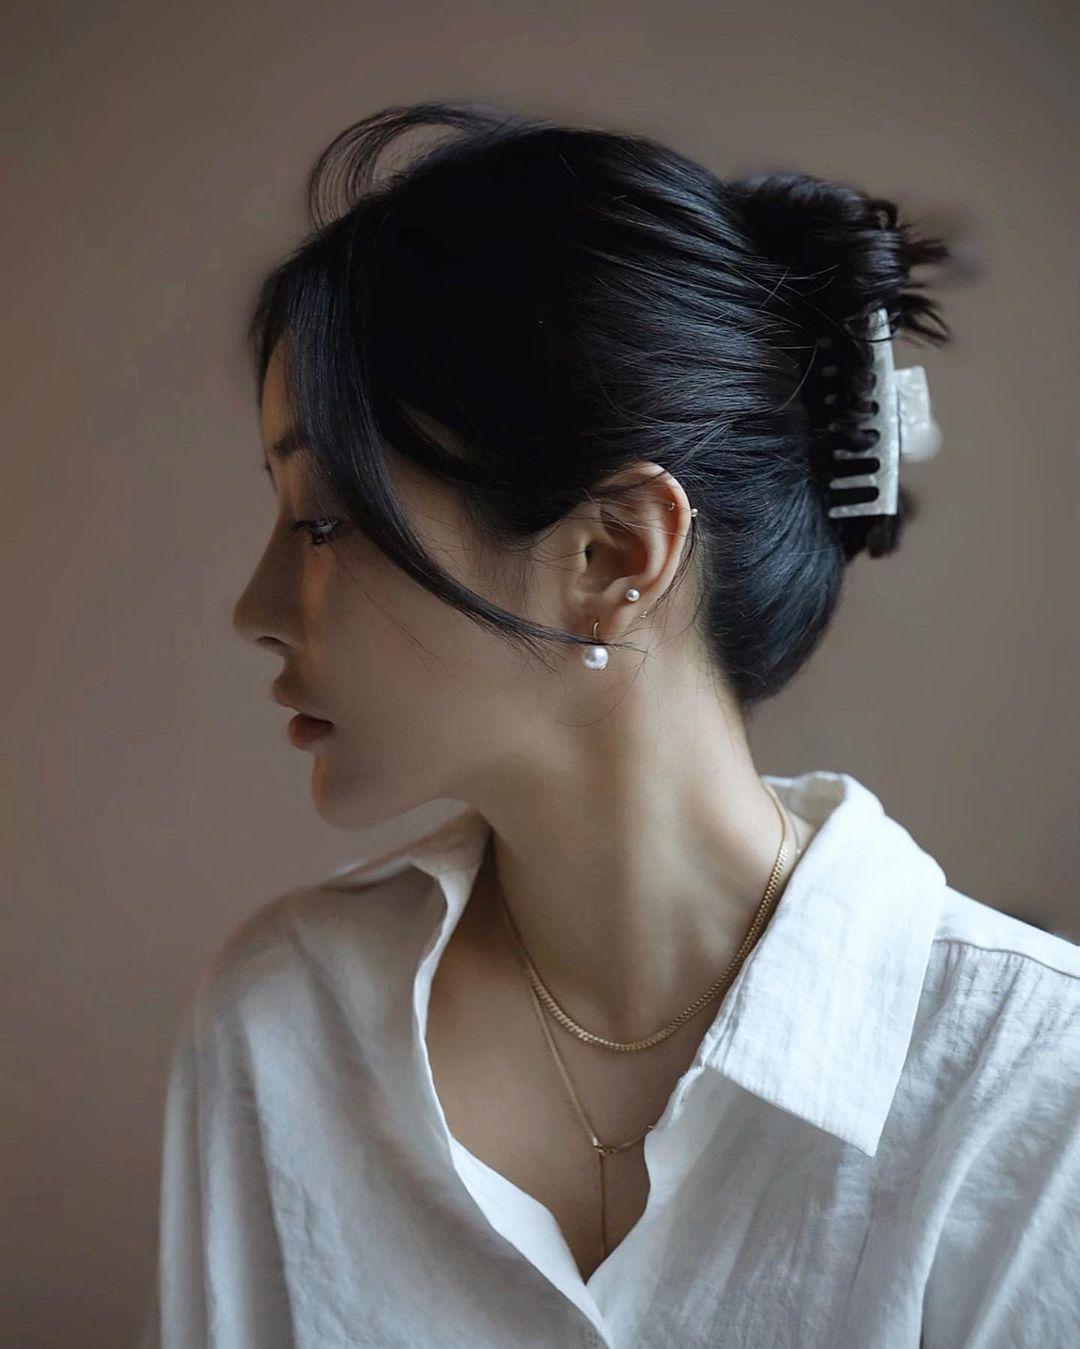 """Những kiểu tóc """"ăn gian"""" chiều cao mà các nhà tạo mẫu tóc khuyên chị em nên để - Ảnh 5."""